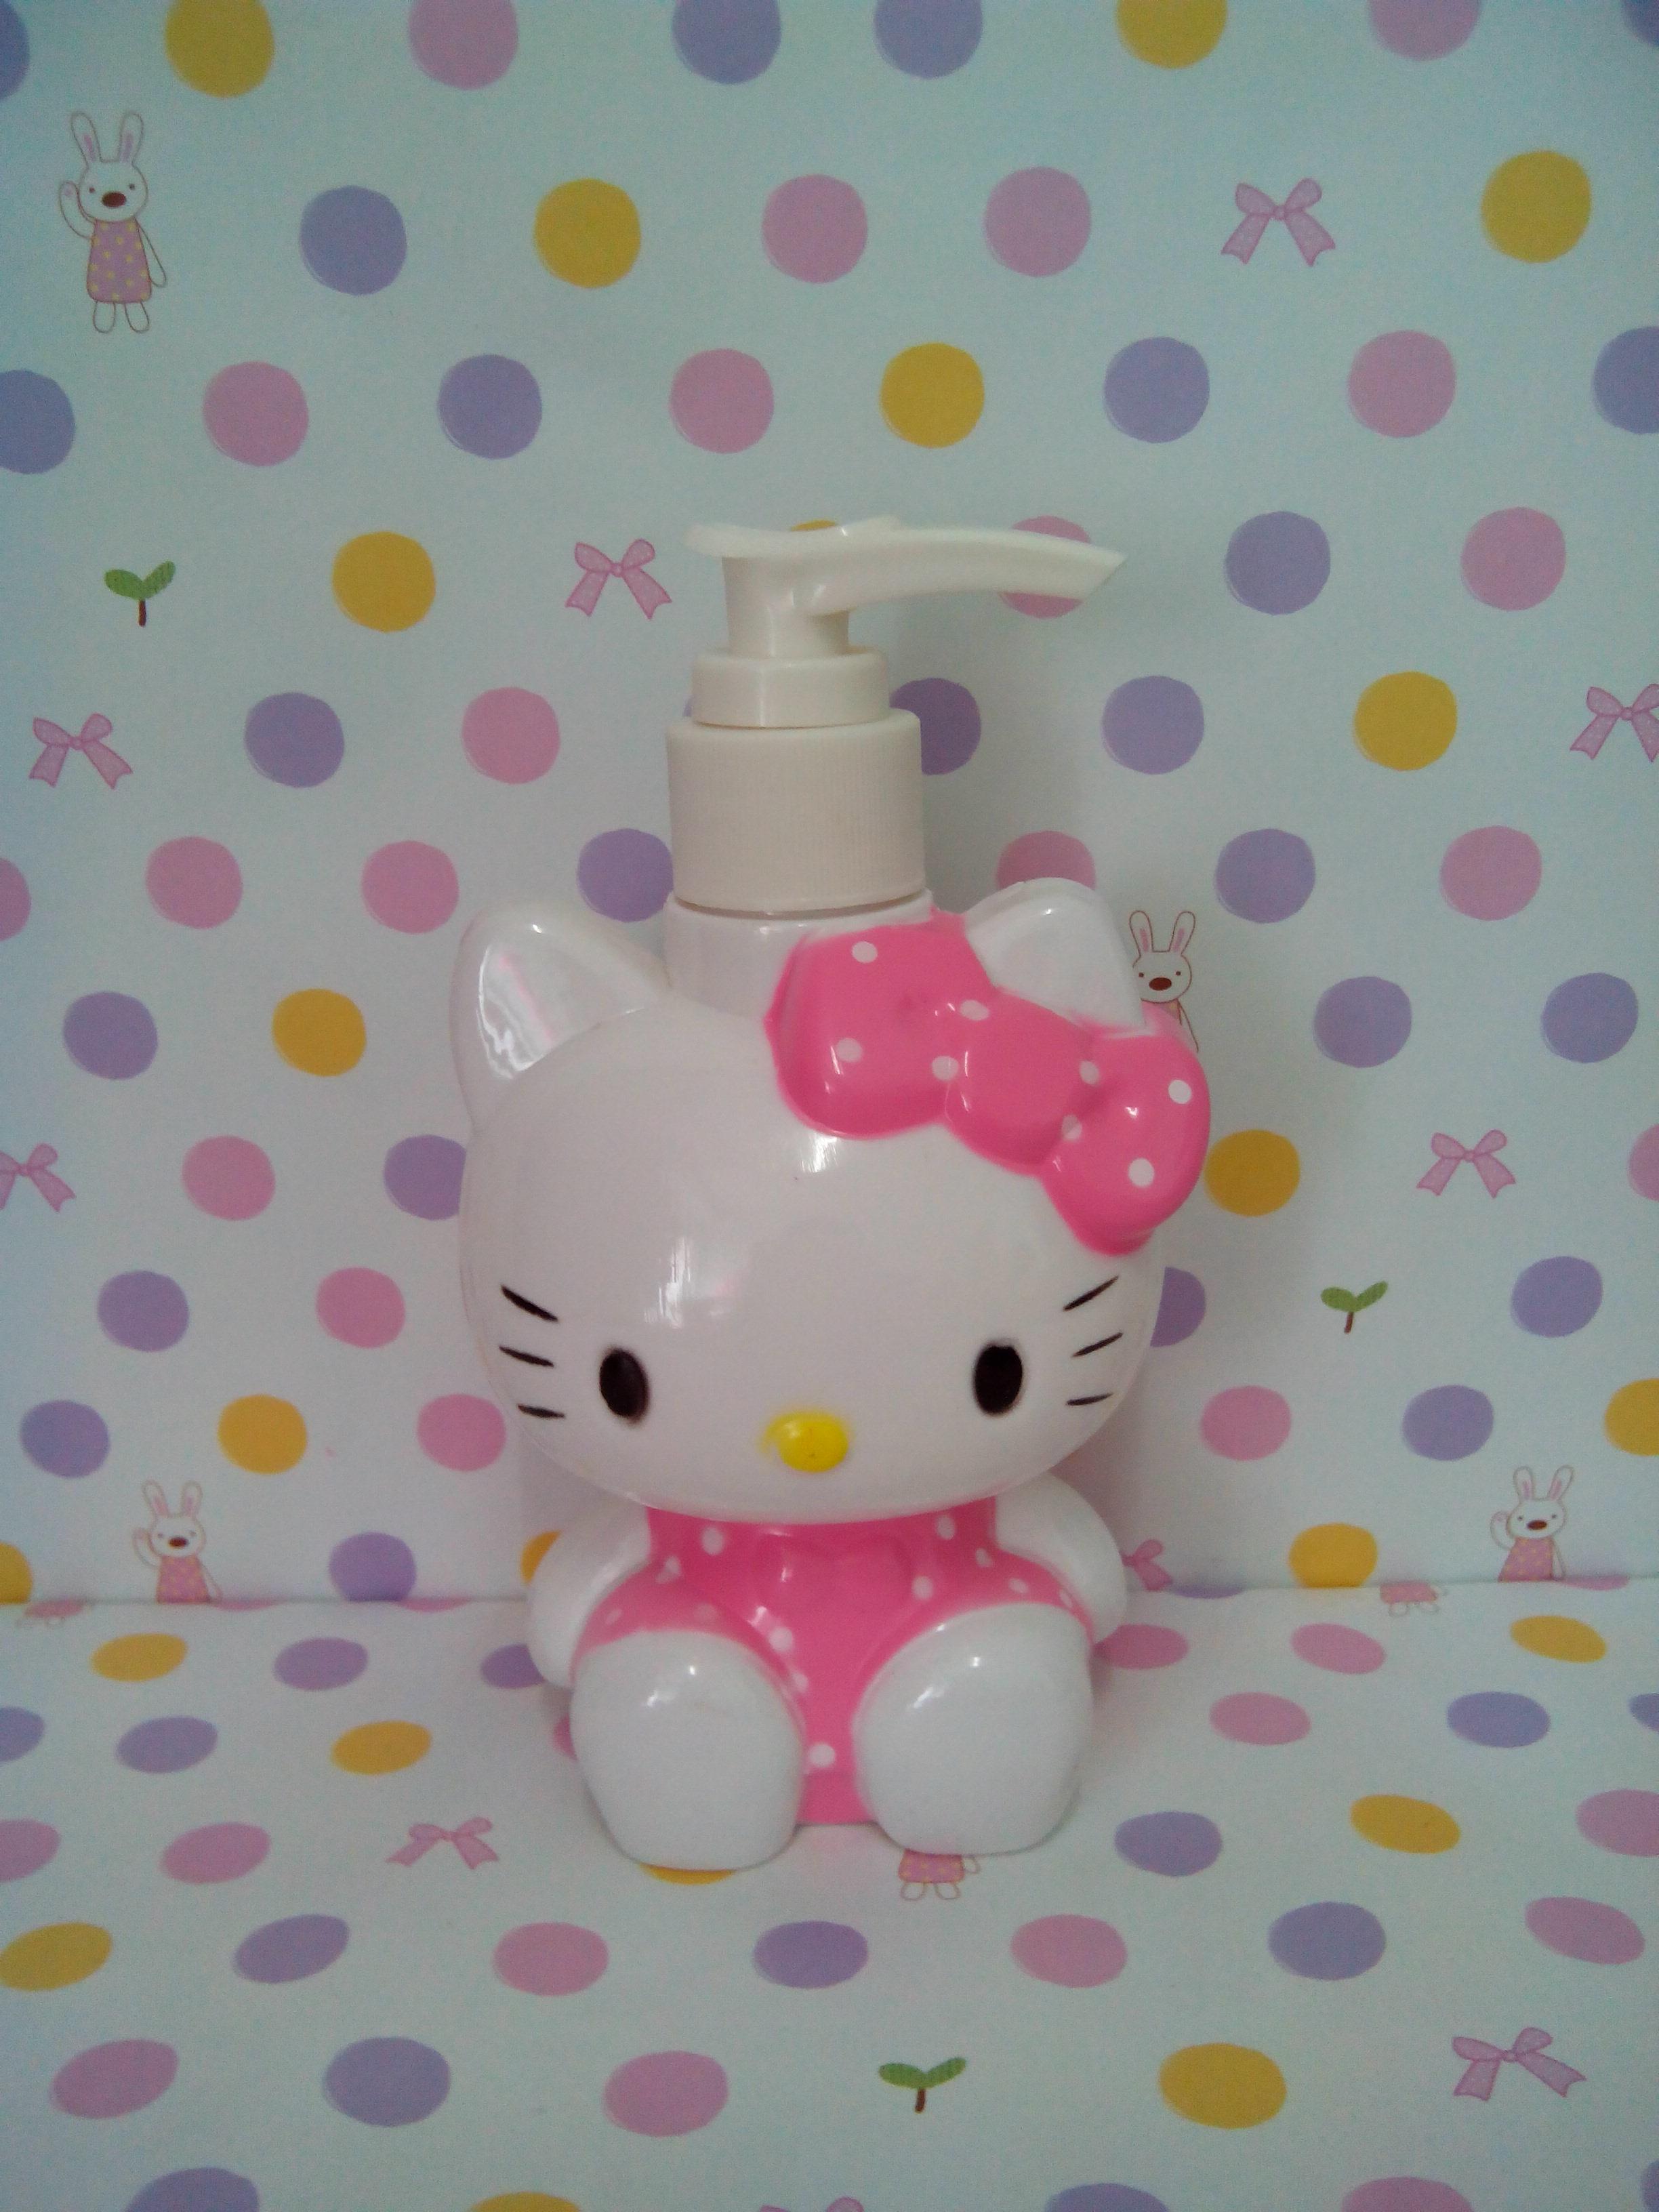 ขวดปั้มสำหรับใส่สบู่เหลว แชมพู ฮัลโหลคิตตี้ hello kitty ขนาดสูง 5.5 นิ้ว